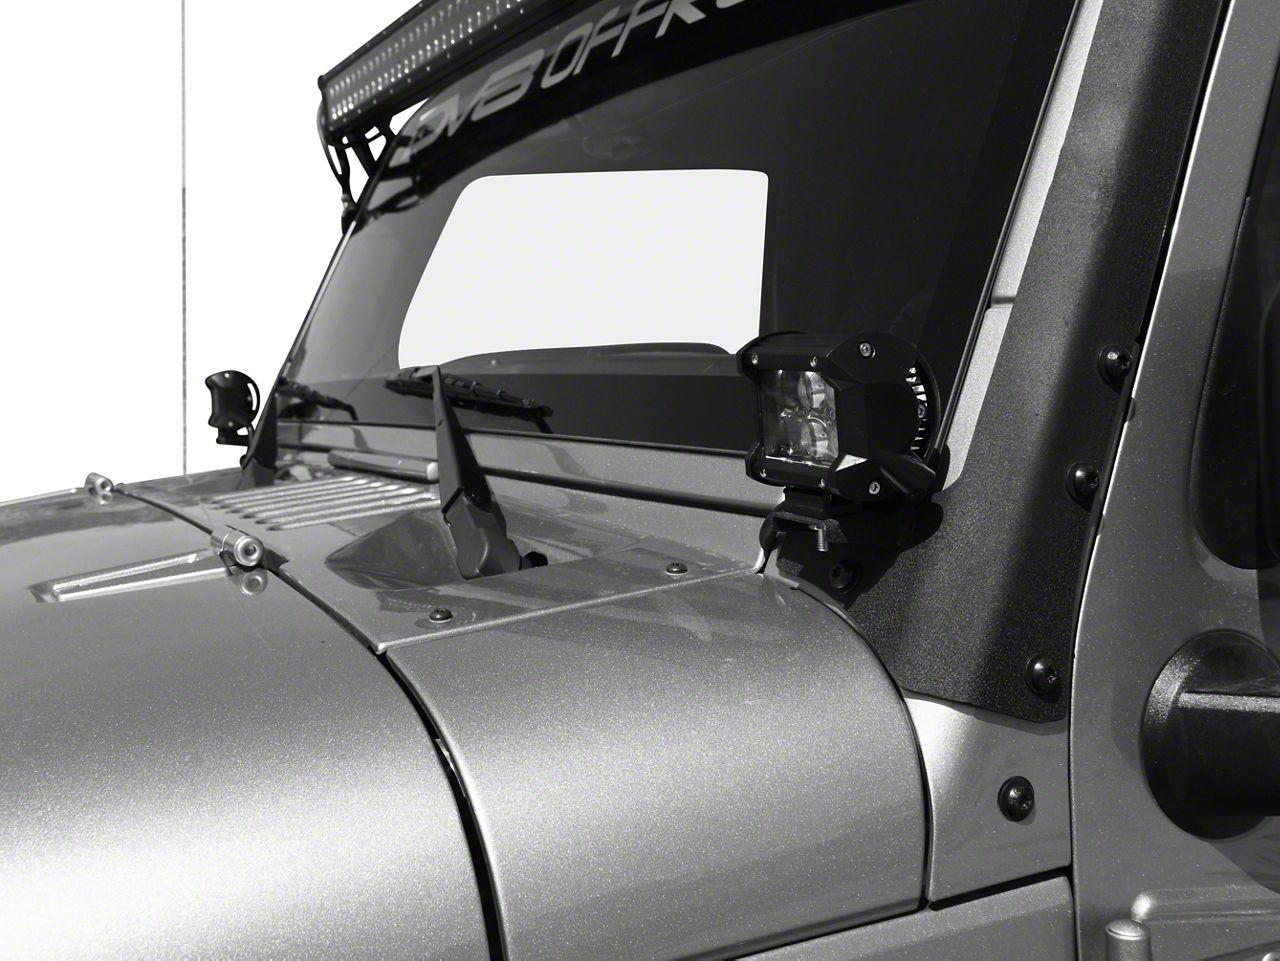 DV8 Off-Road 4 in. Chrome Series LED Cube Light - Spot Beam